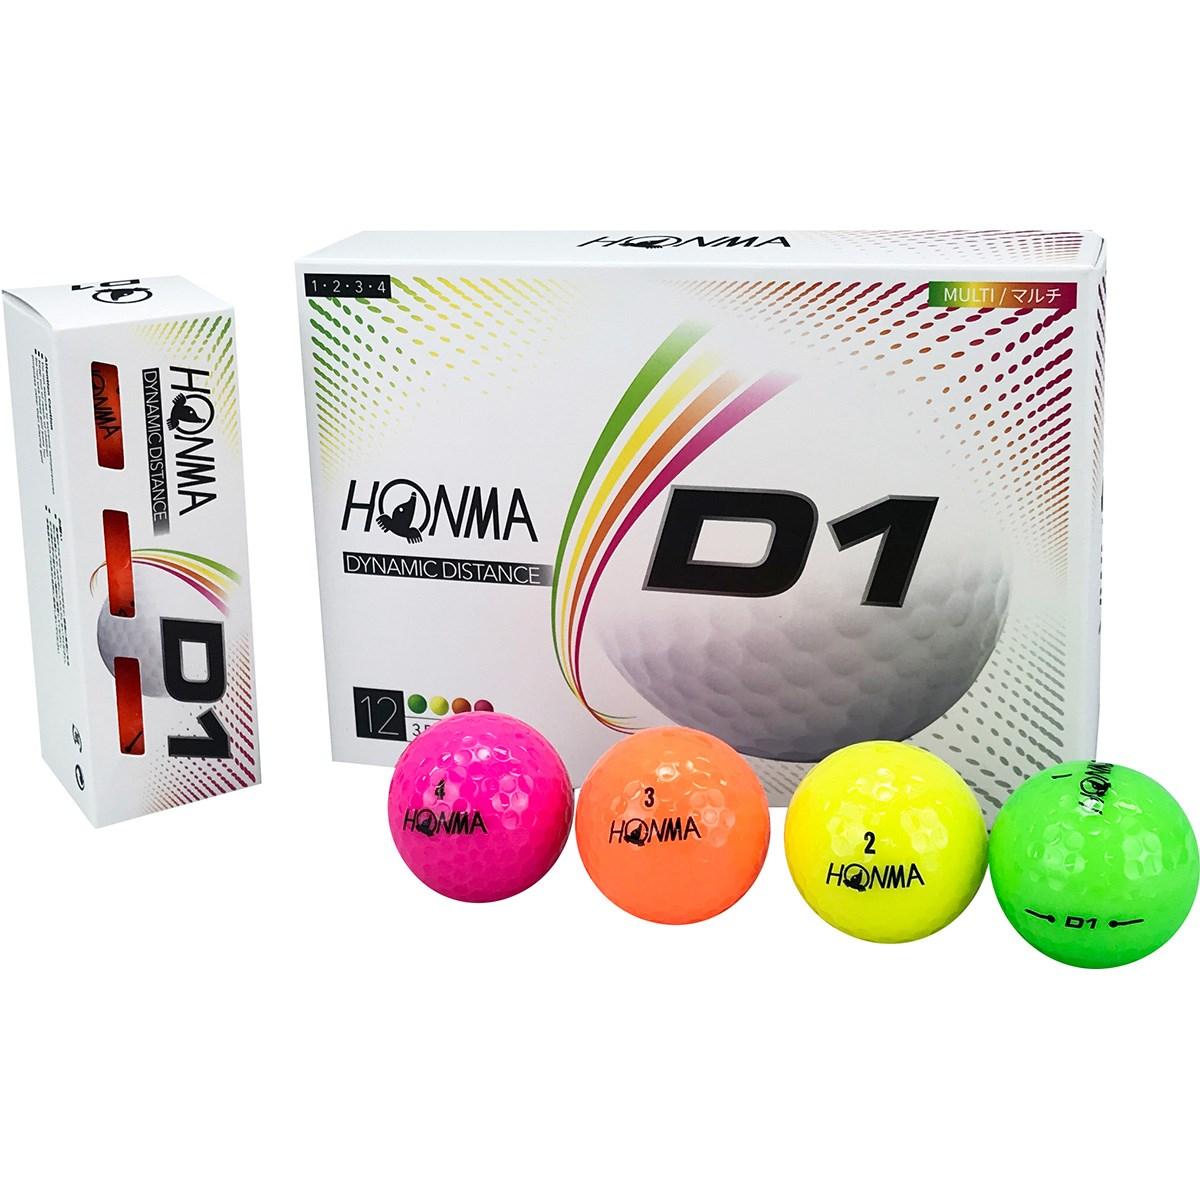 本間ゴルフ HONMA D1 ボール 2020年モデル 1ダース(12個入り) マルチ